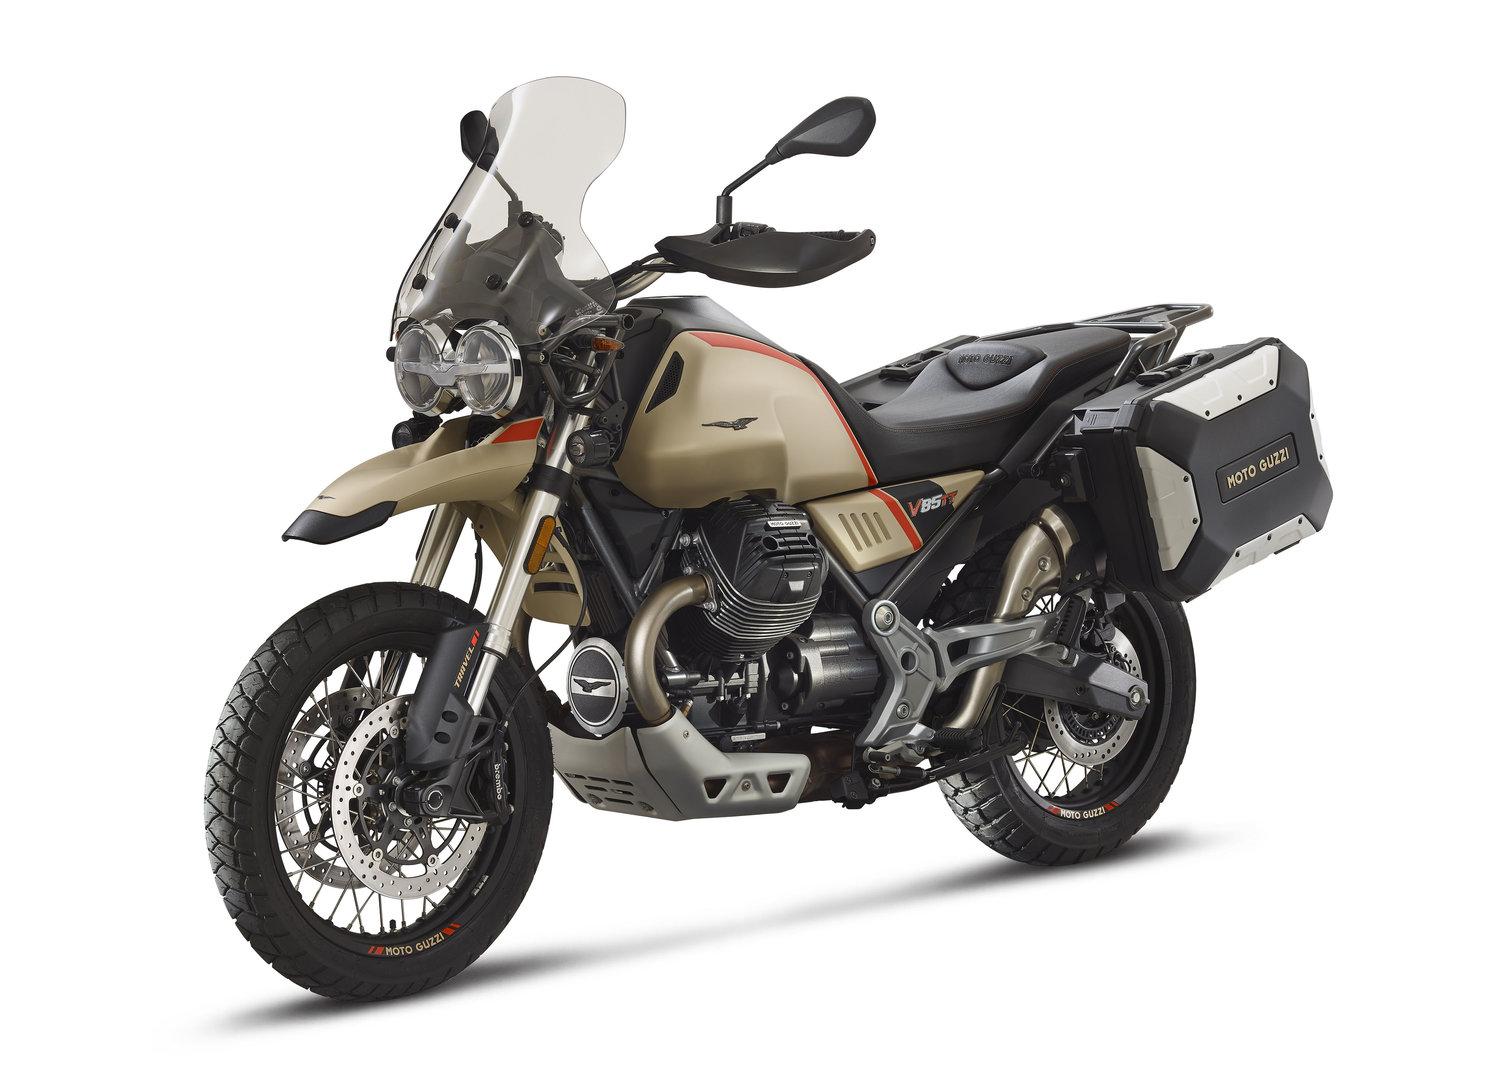 Moto Guzzi V85 TT Travel, dedicada a los amantes de las largas distancias